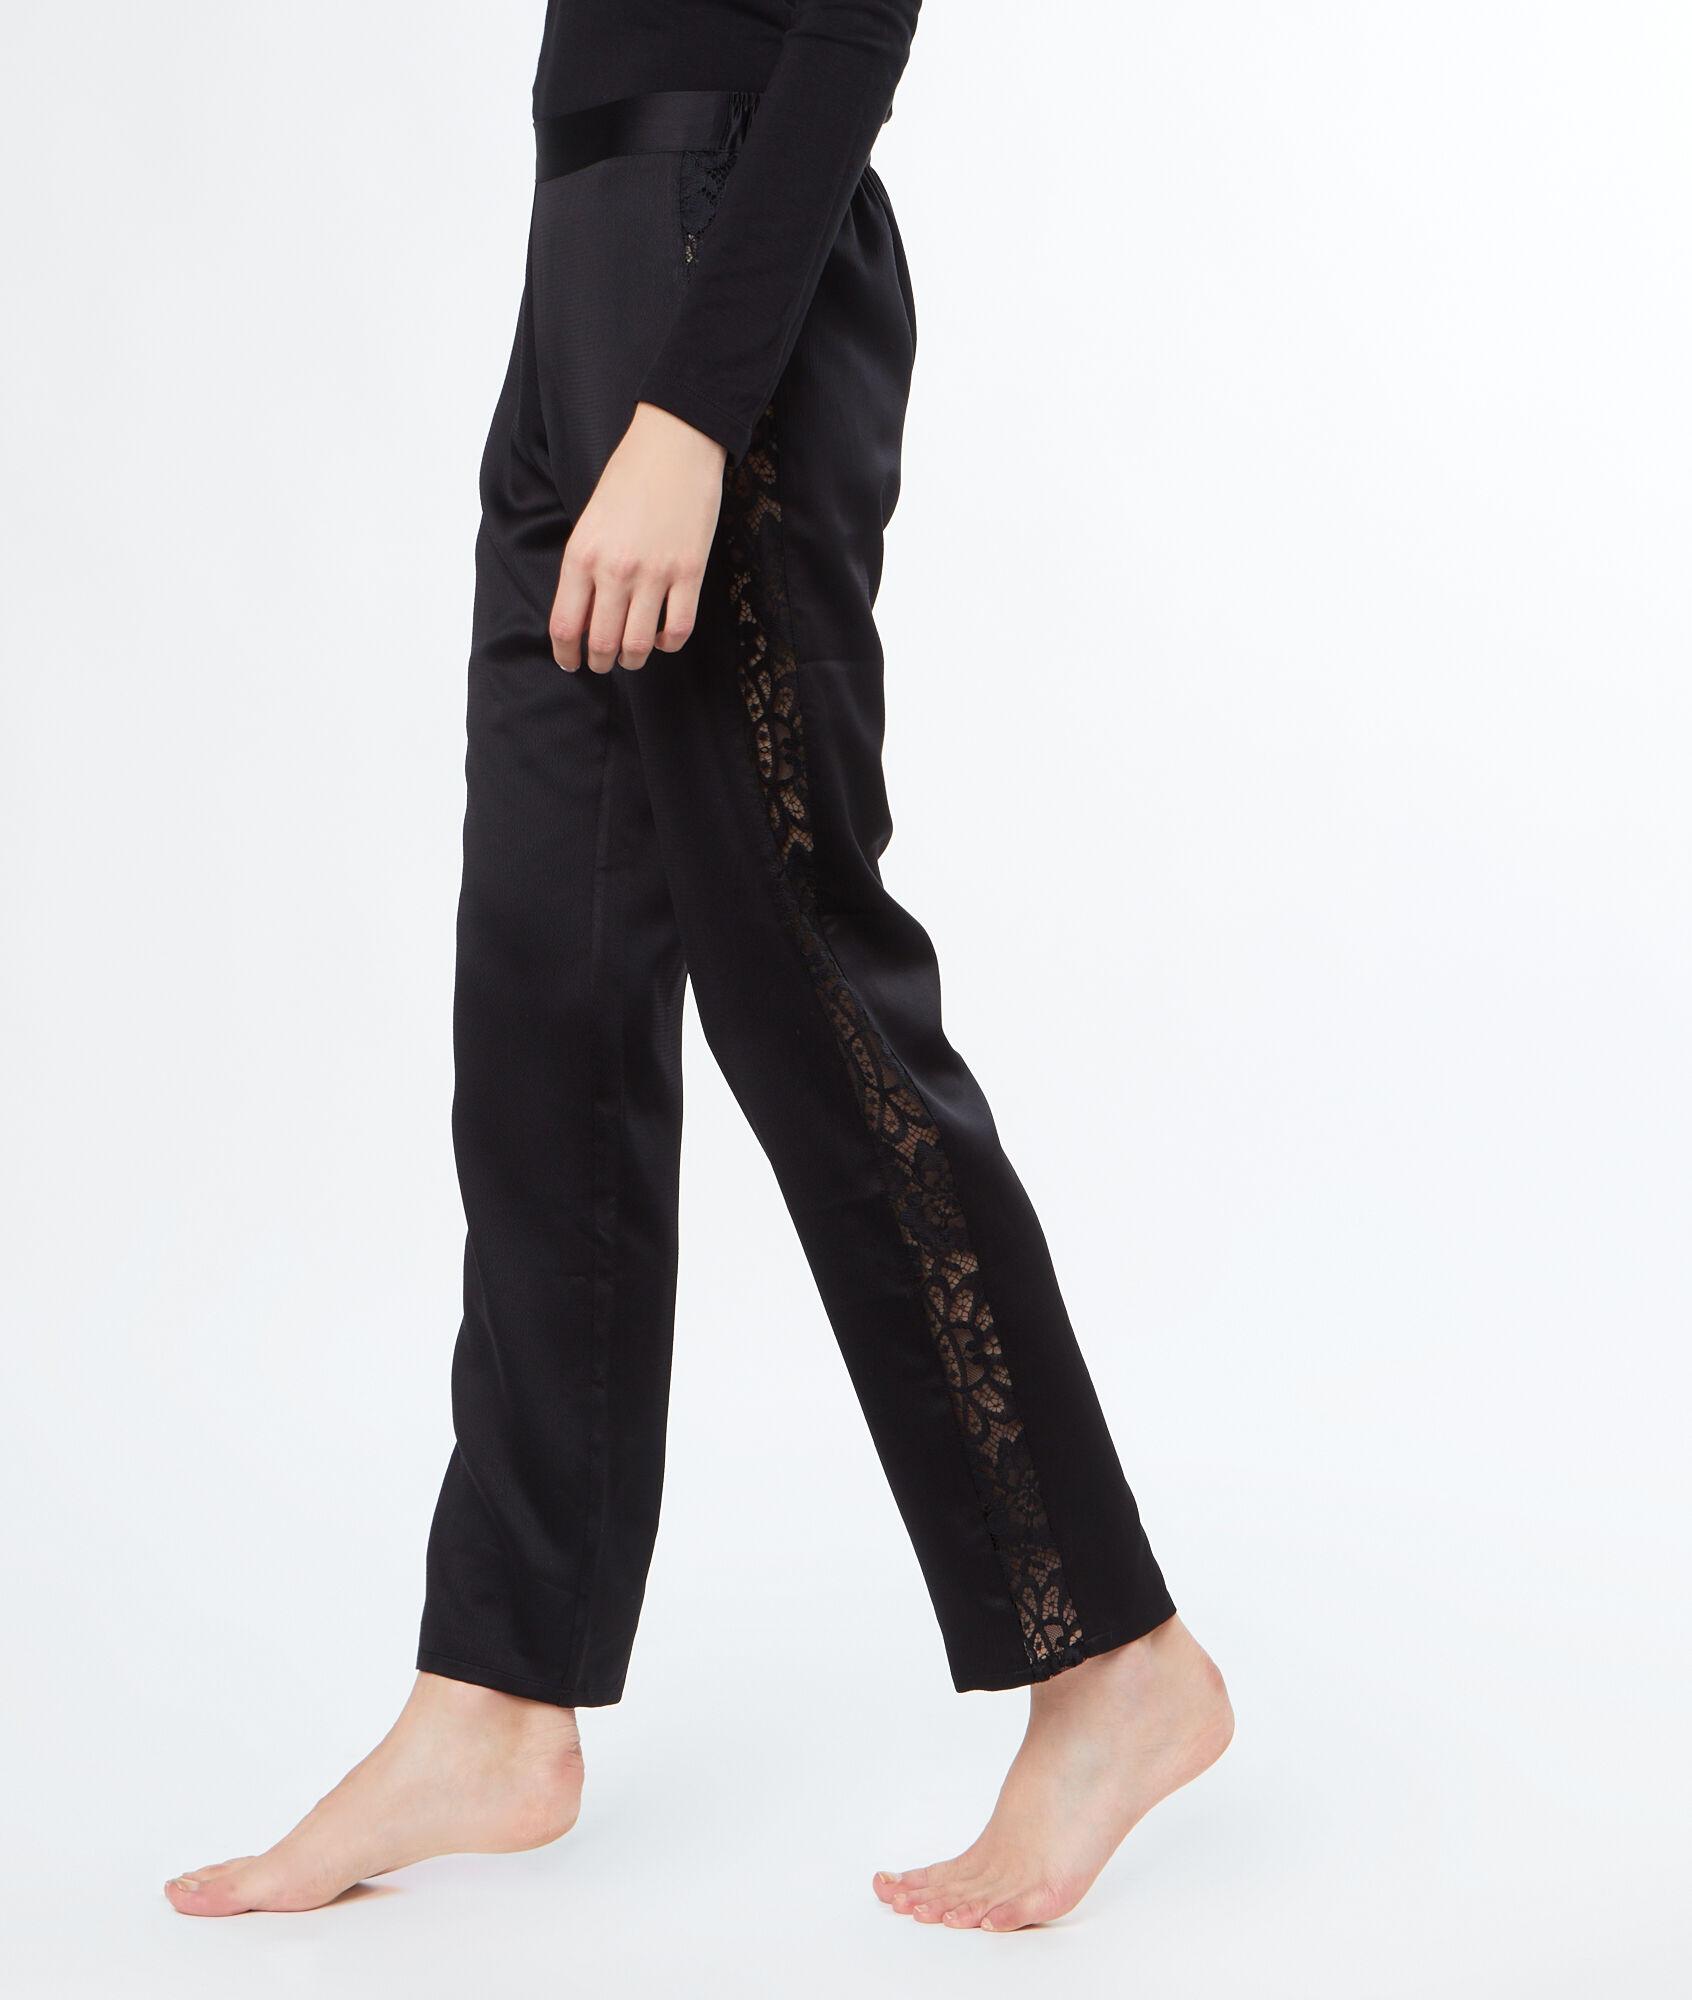 Pantalon satin dentelle cotés - TASHA - NOIR - Etam 447b5d631ba4